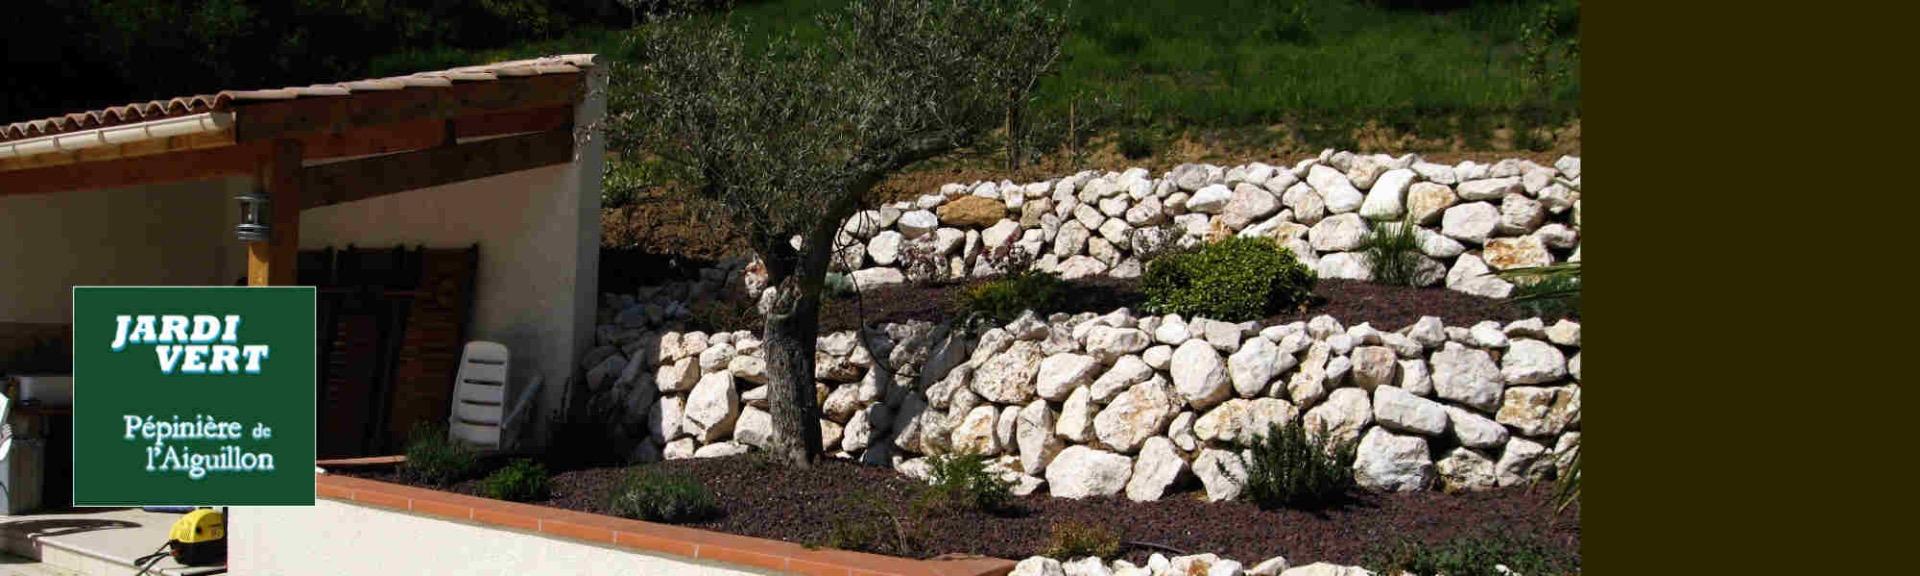 Construction de massifs et plantation d'oliviers - Jardi Vert Pépinière de l'Aiguillon